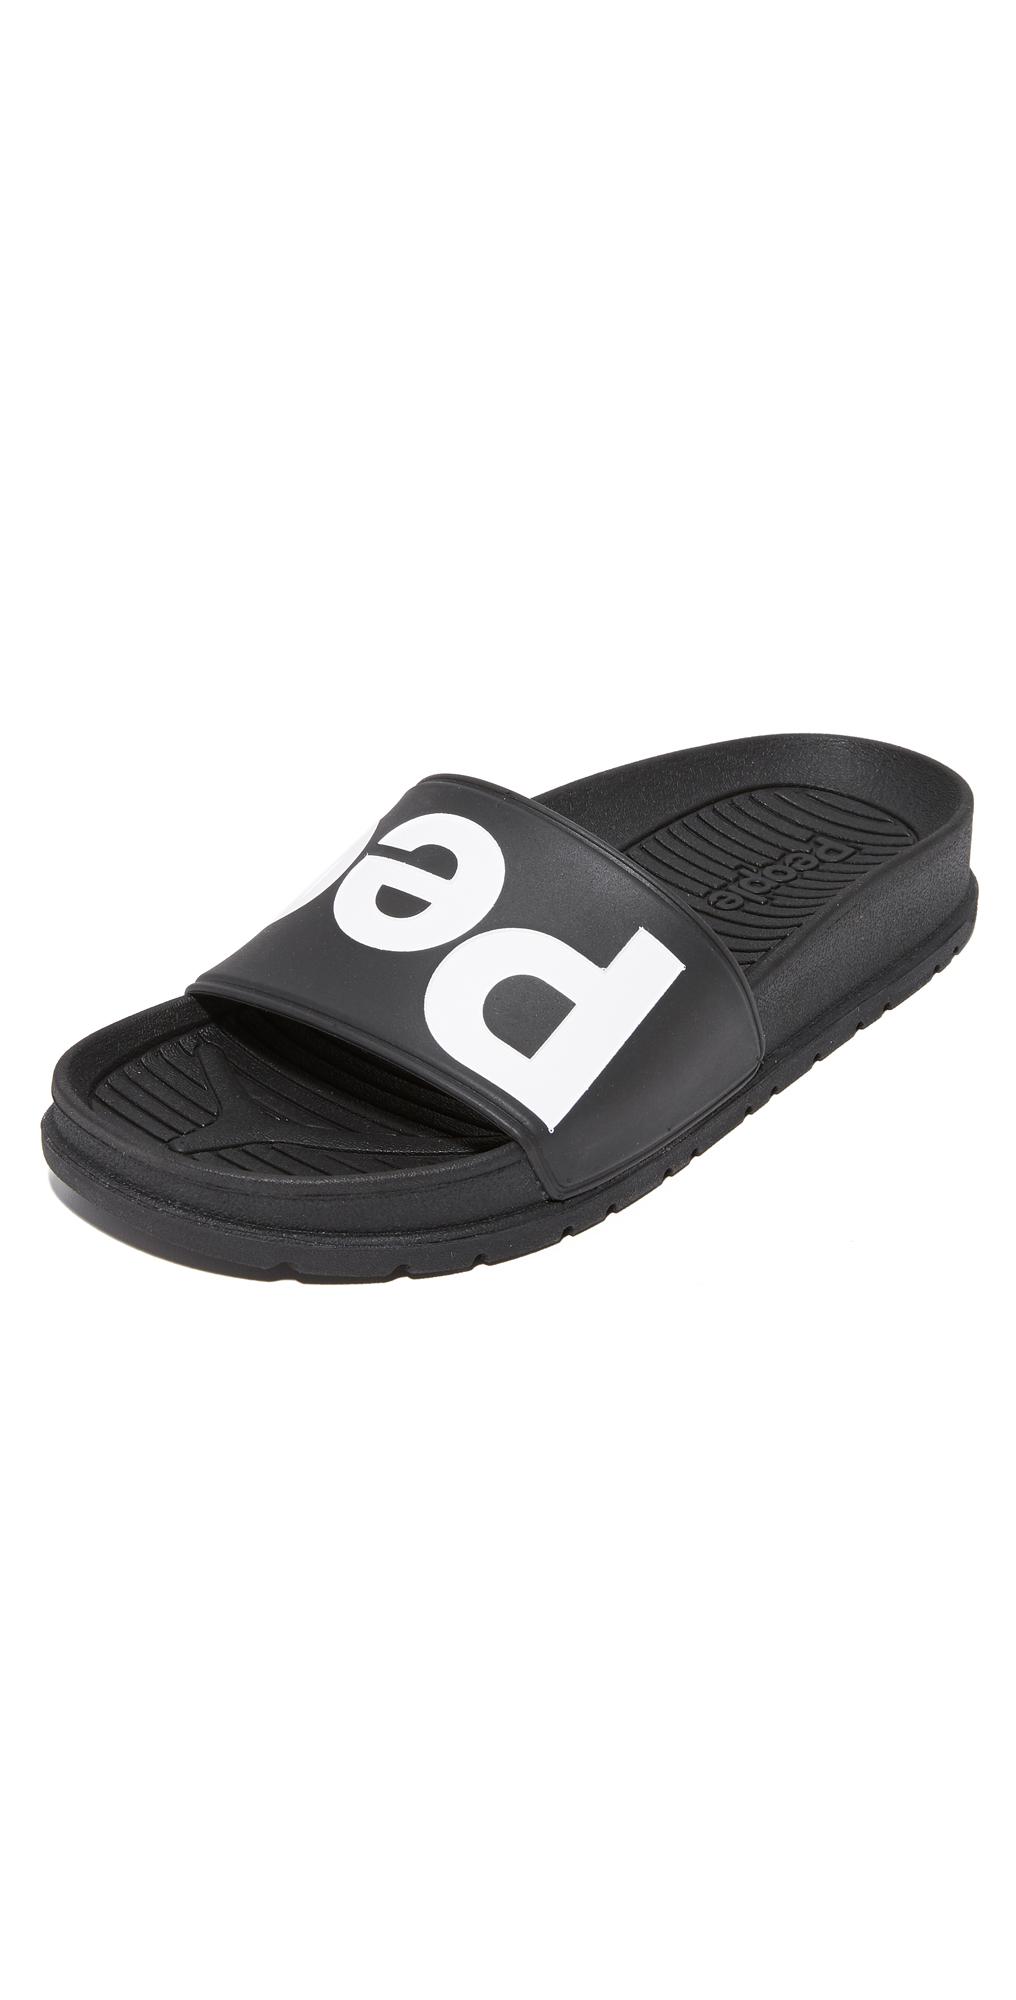 Lennon Slides People Footwear